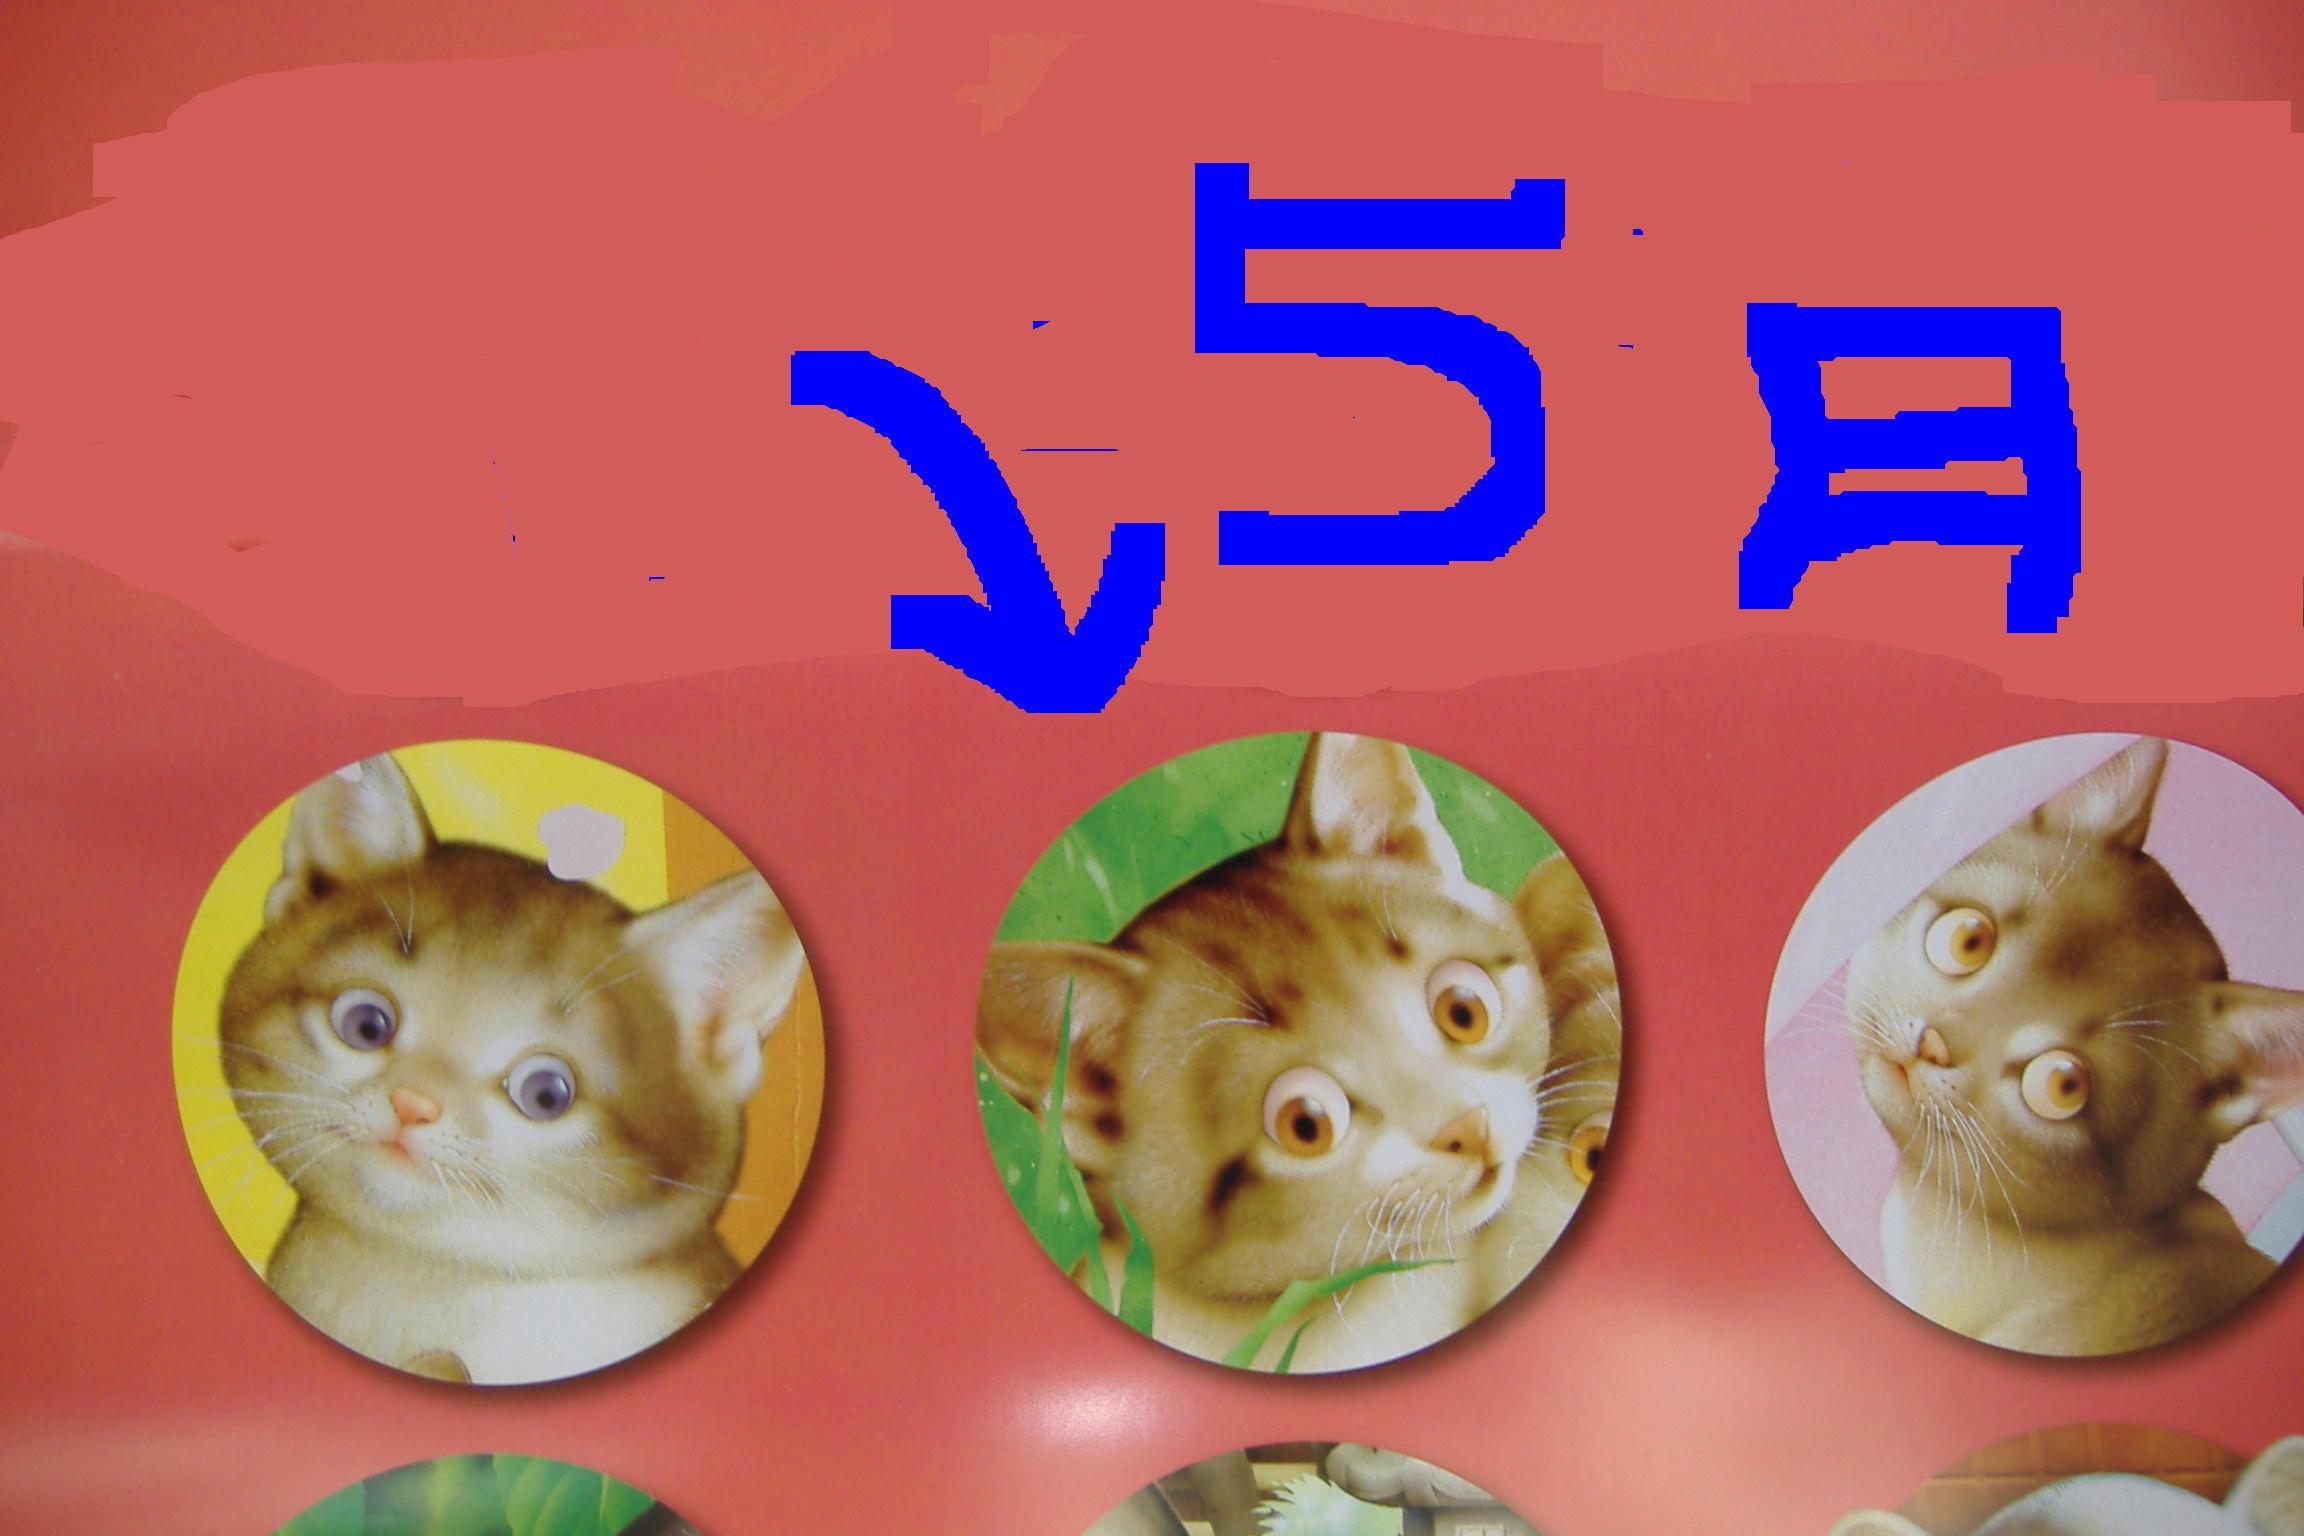 「 五 月 」・「 さ つ き 」・「 五 月 だ ぁ! 」_c0328479_16350266.jpg